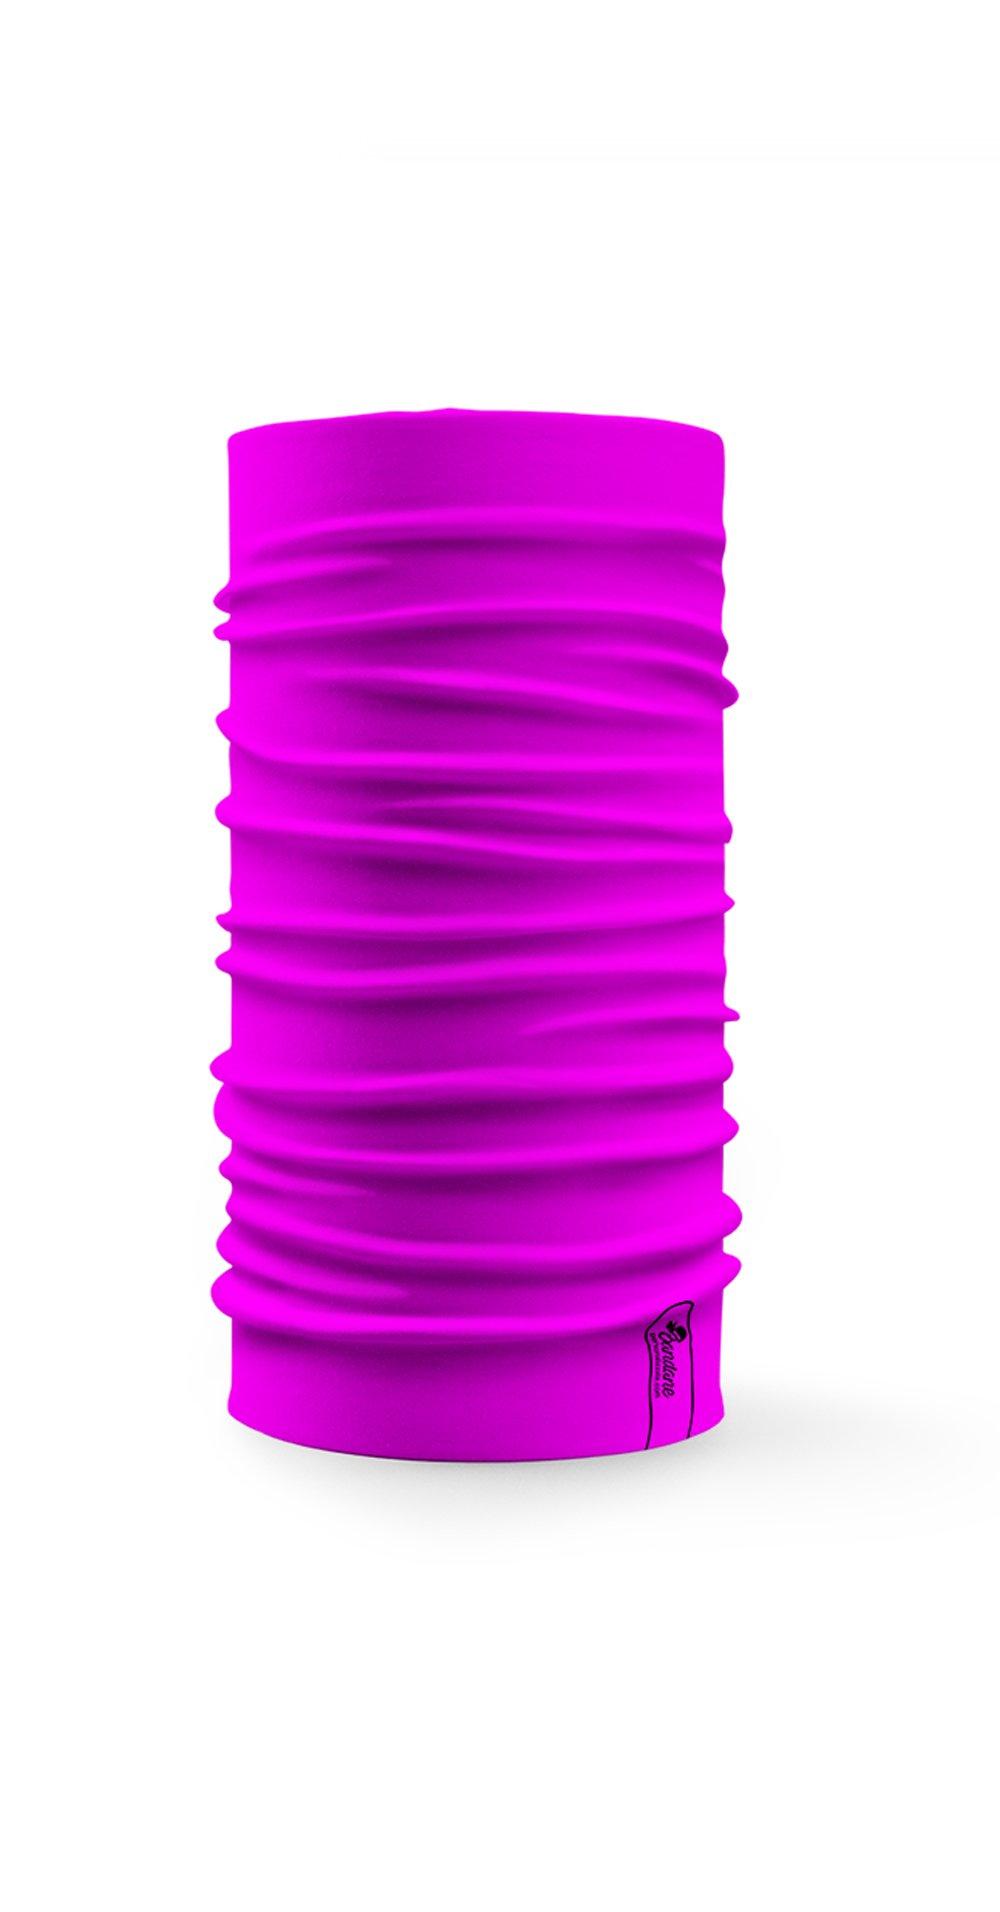 Bandana Multifunzione Con Colore Rosa Fluo A Tinta Unita Alta